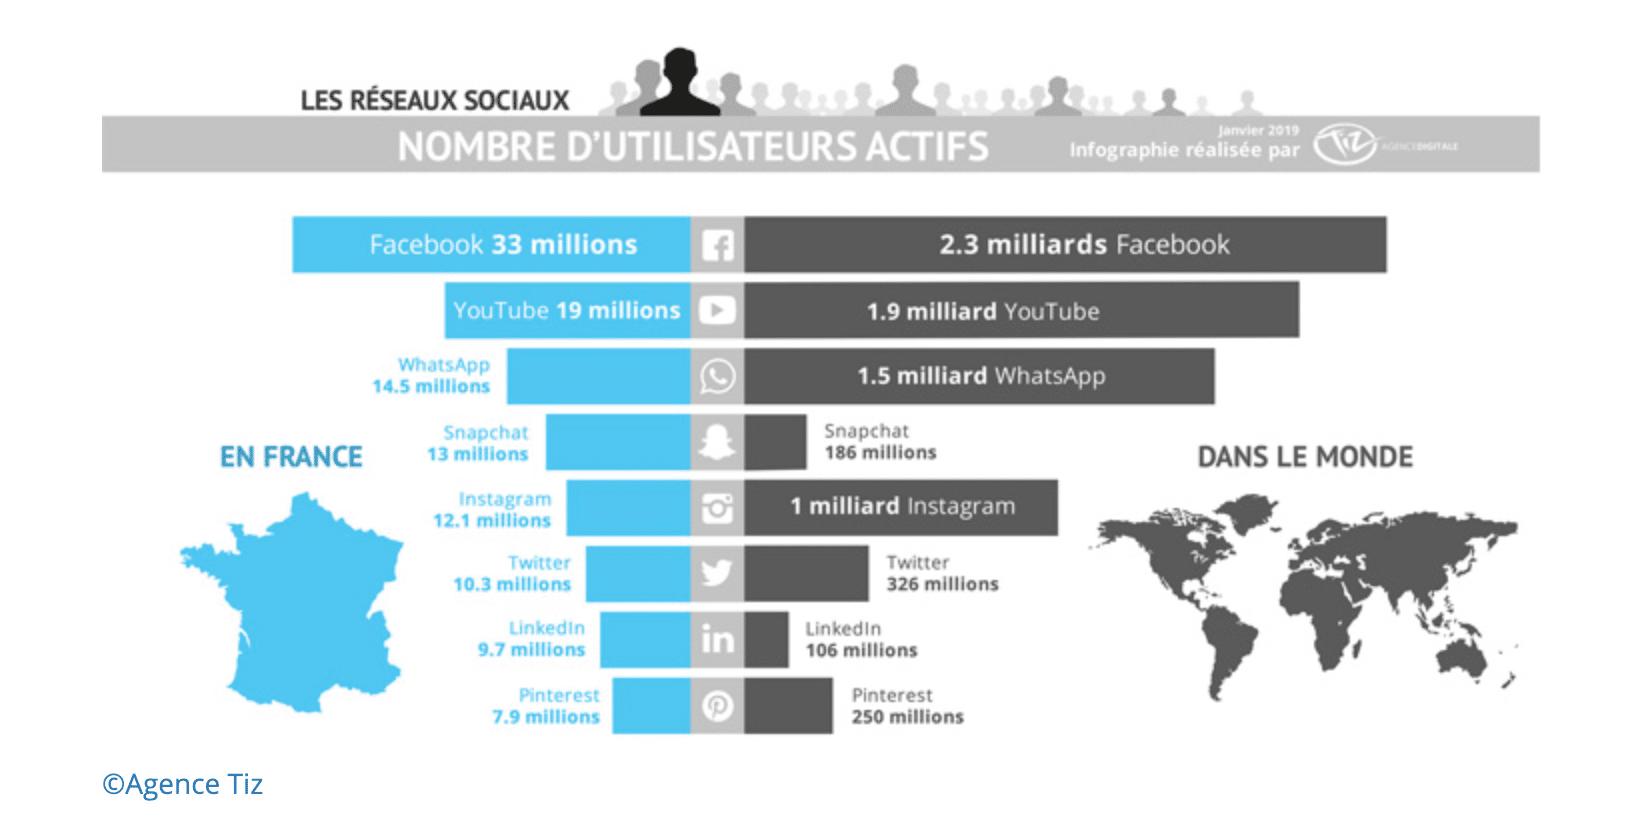 acquisition de trafic utilisateurs des réseaux sociaux